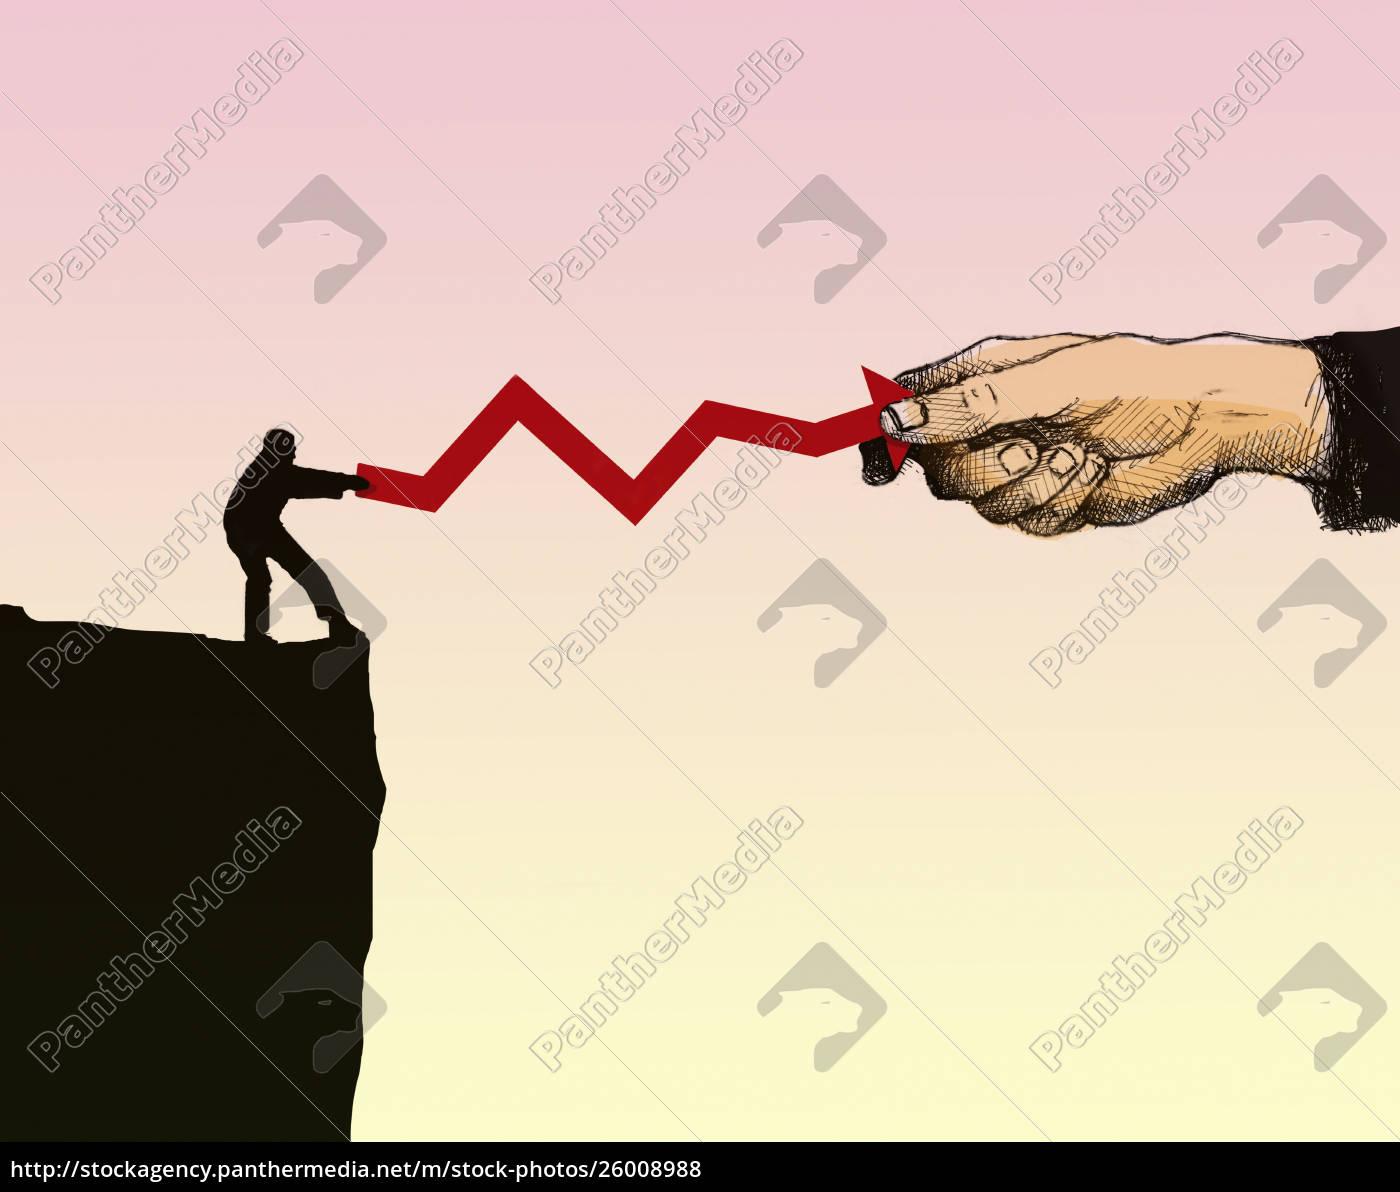 kleinunternehmer, im, tauziehen, mit, großem, geschäftsmann - 26008988